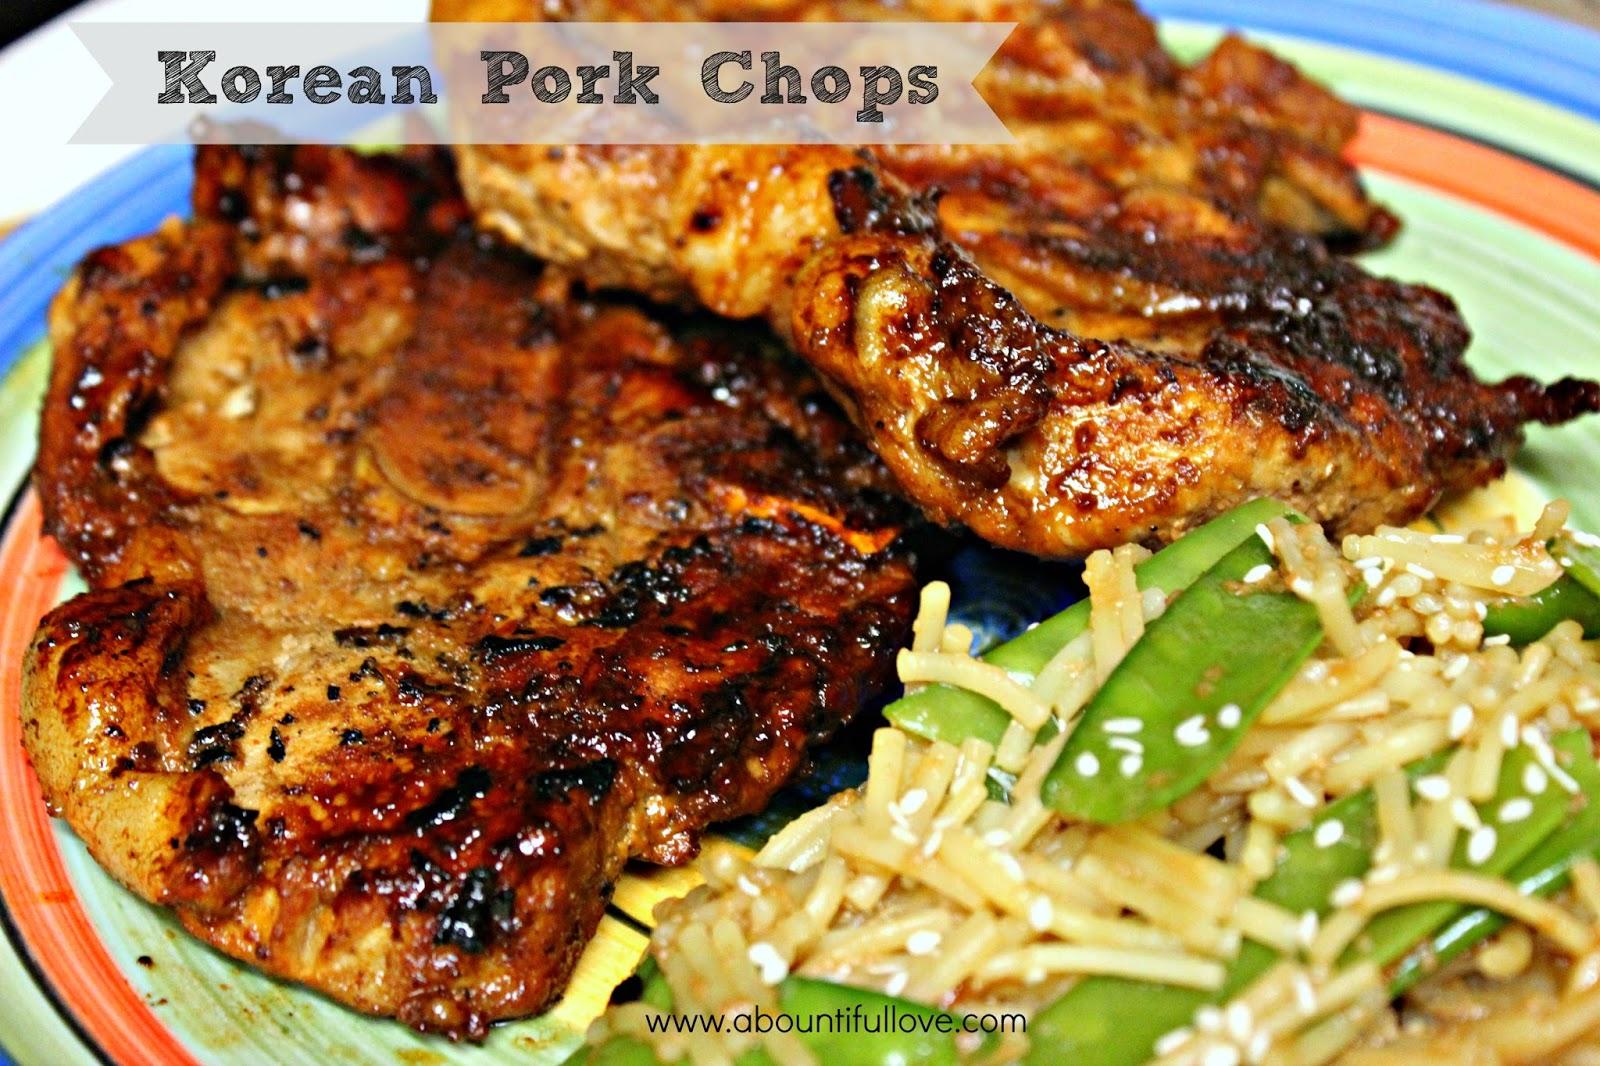 Ingredients: 6 Bone In Pork Chops